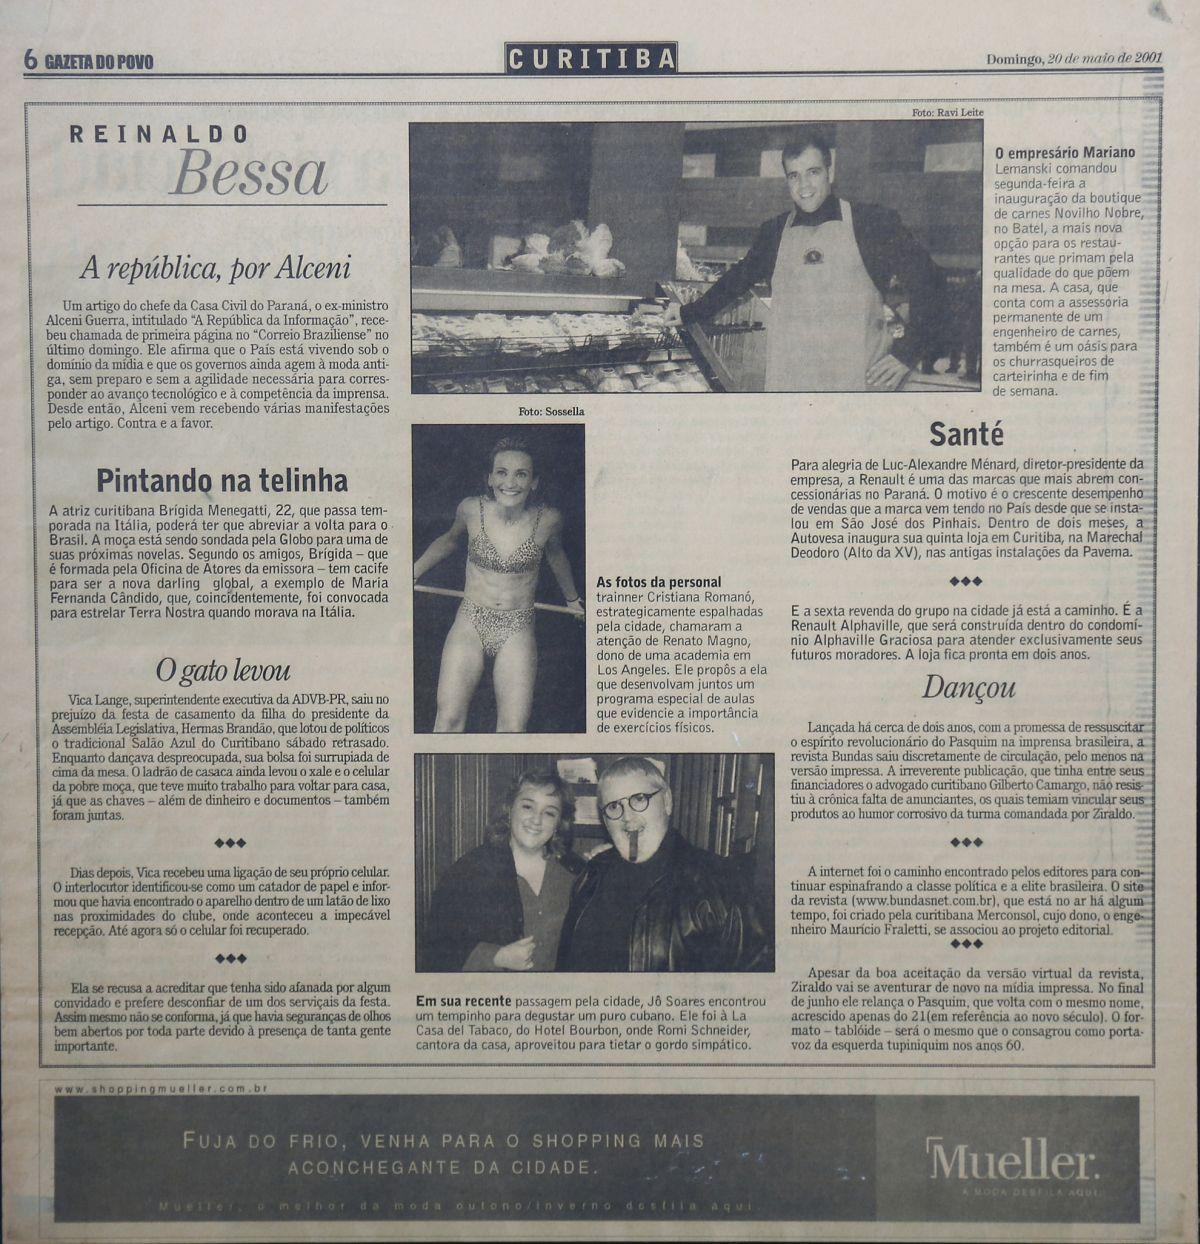 A primeira coluna trazia notícias do mundo social, político, artístico e econômico. (Fotos: Aniele Nascimento/Gazeta do Povo).